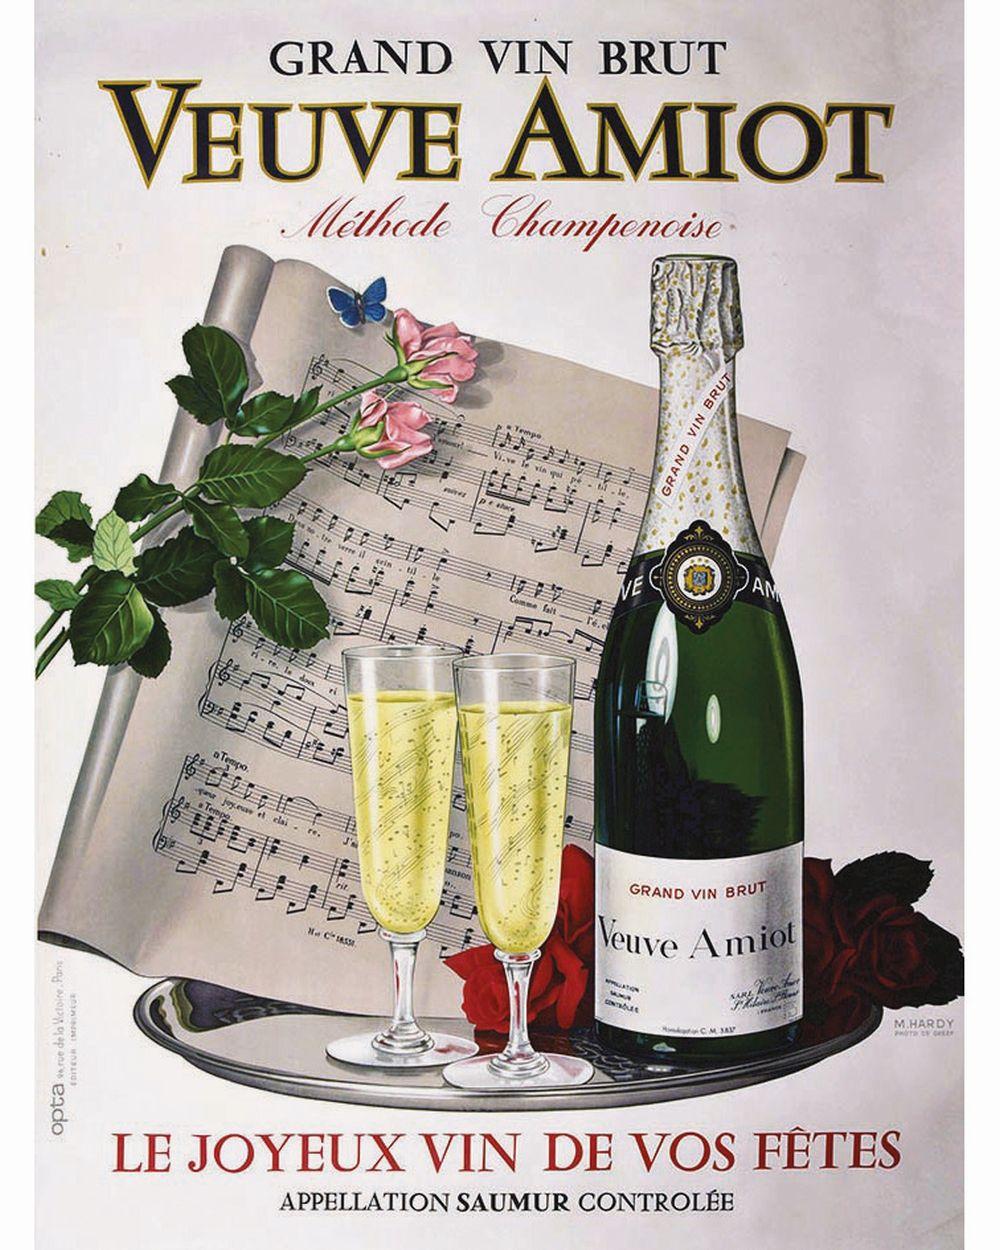 HARDY M. - Grand Vin Brute Veuve Amiot Methode Champenoise     vers 1930  Saumur (Maine et Loire)